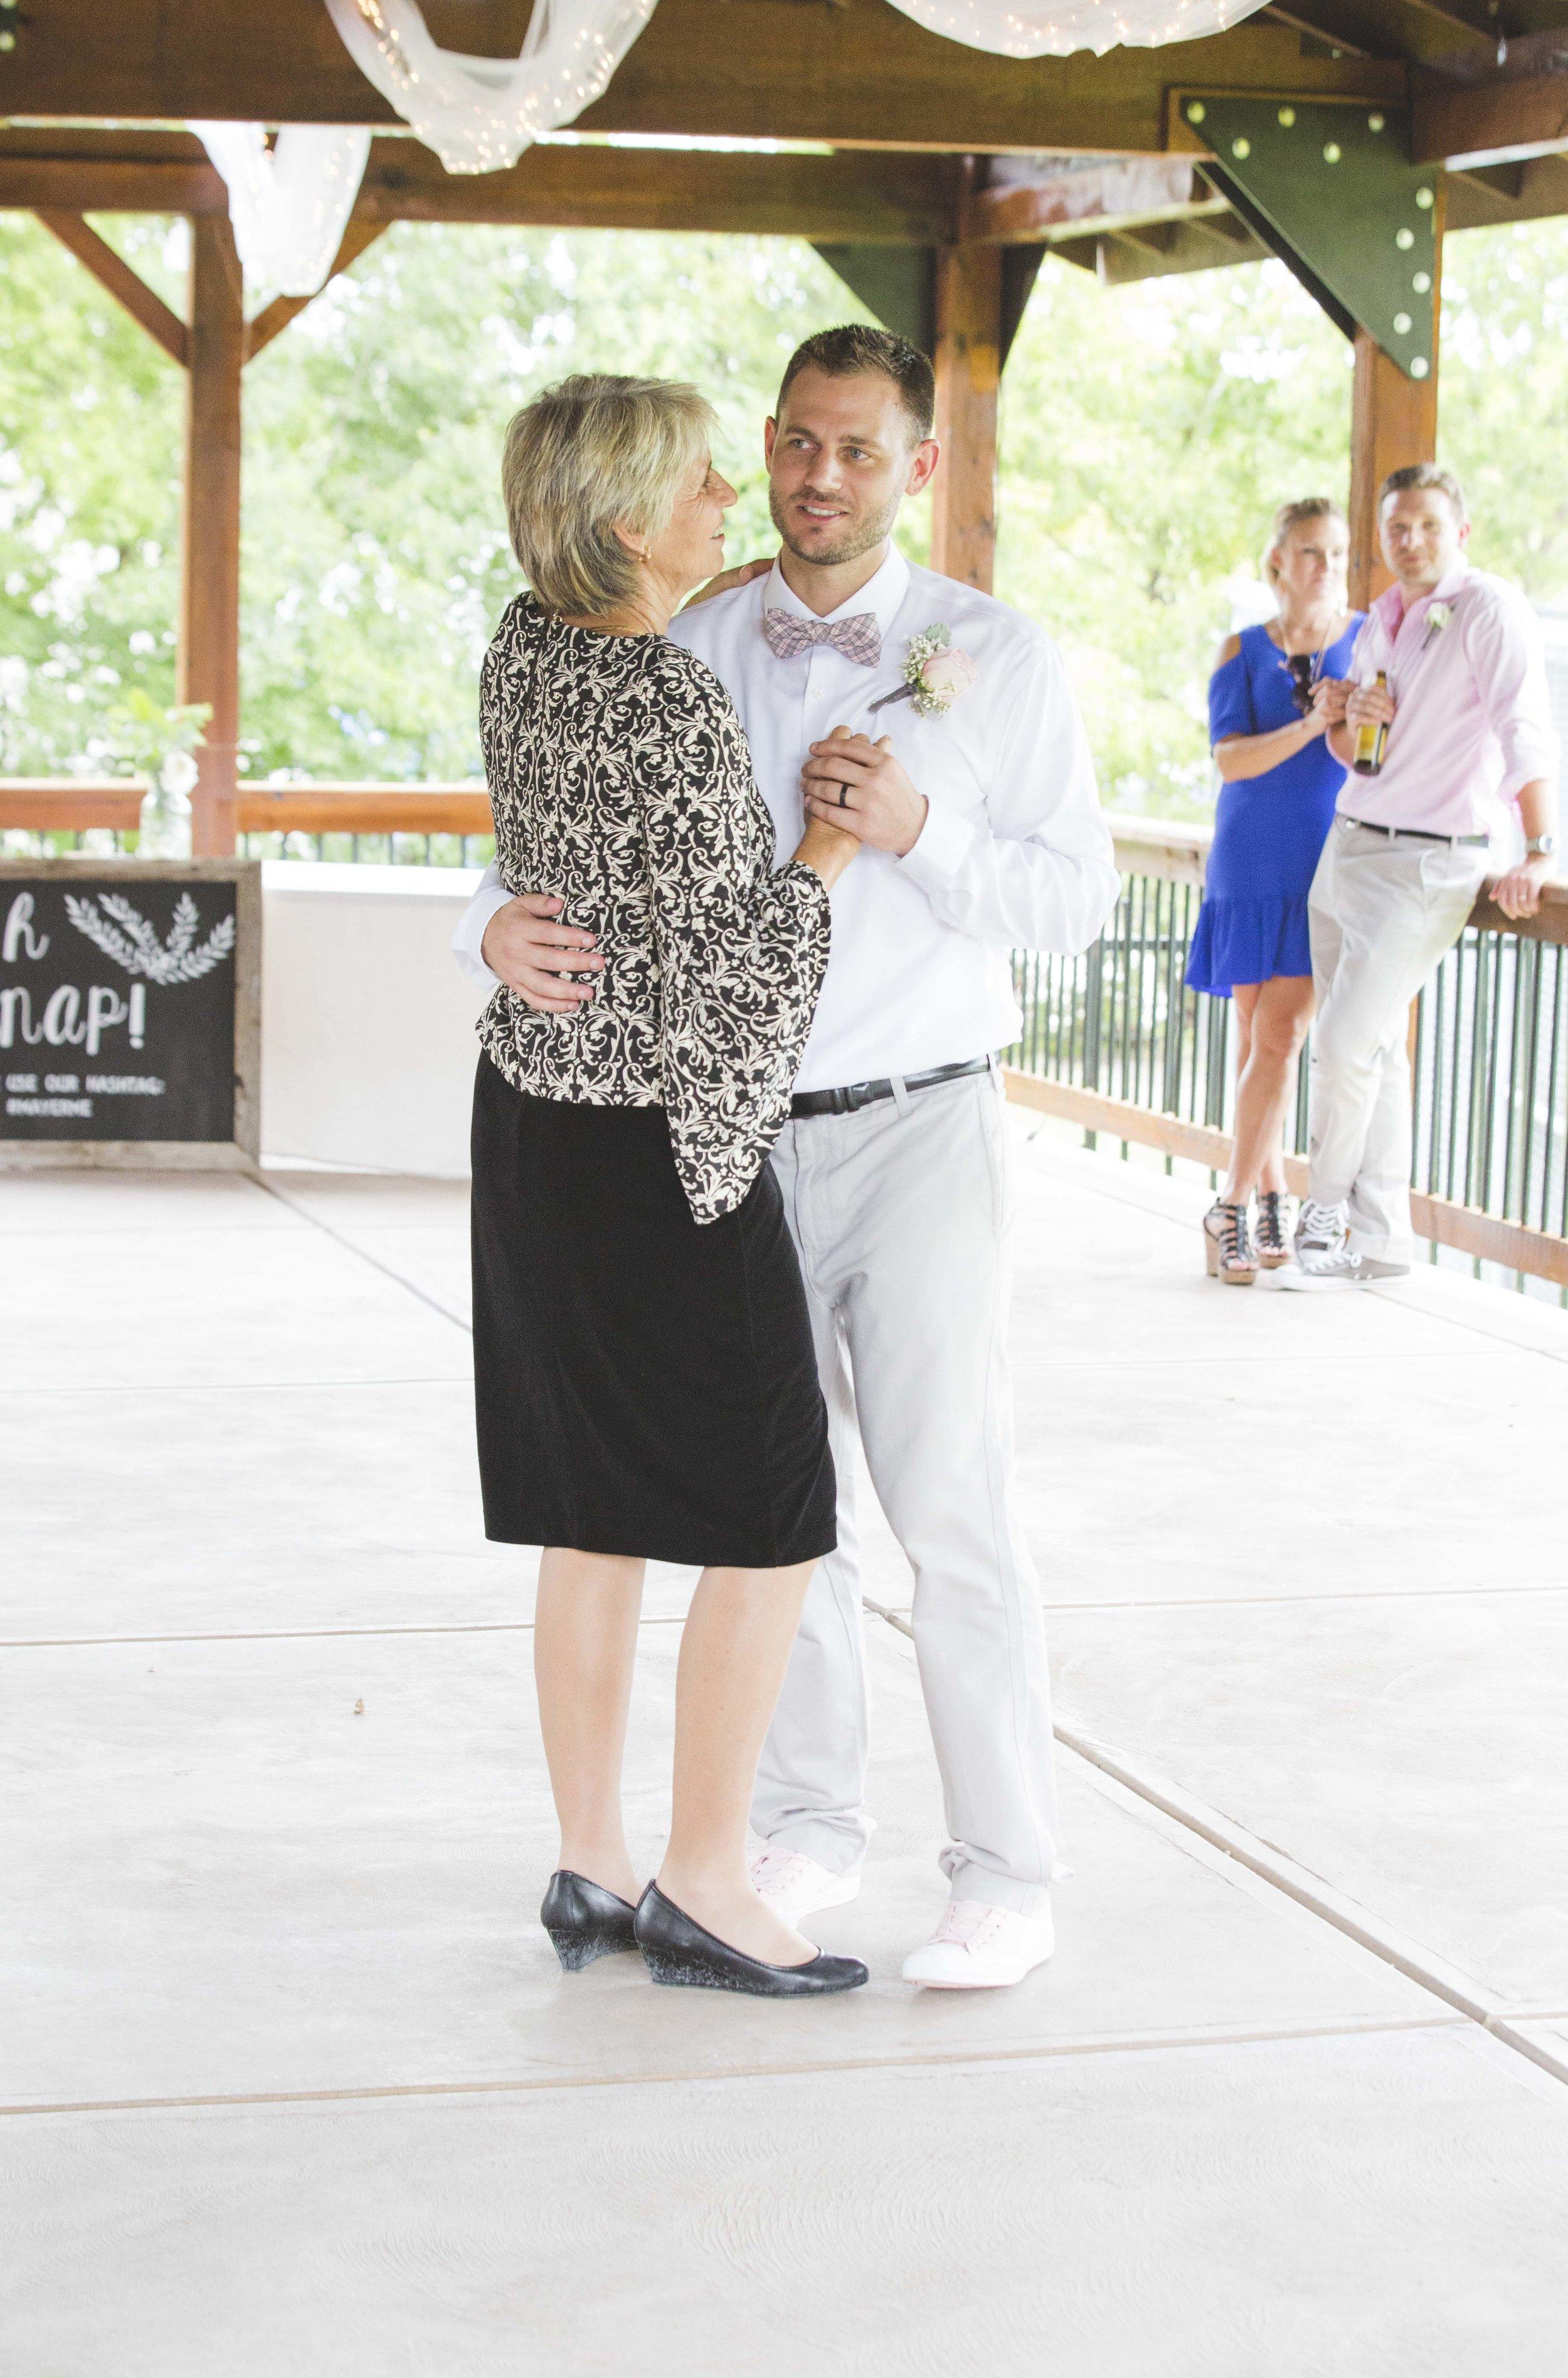 ATGI_Susanna & Matt Wedding_717A8563.jpg